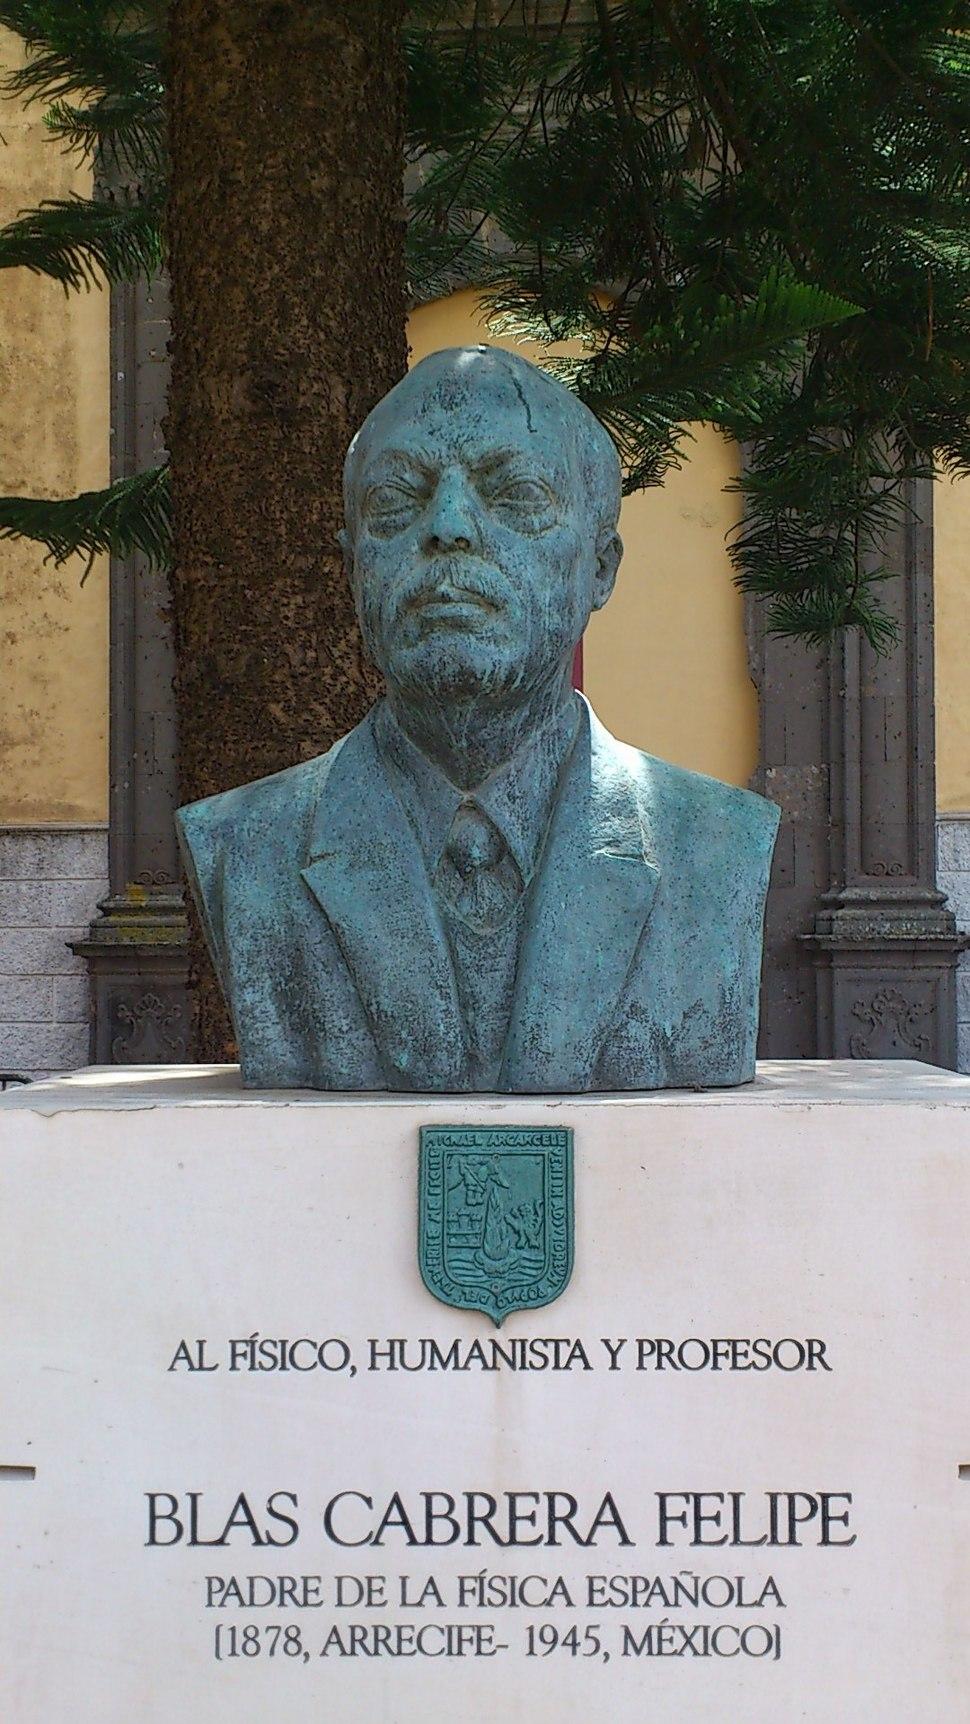 Busto de Blas Cabrera Felipe en el Instituto de Canarias en La Laguna